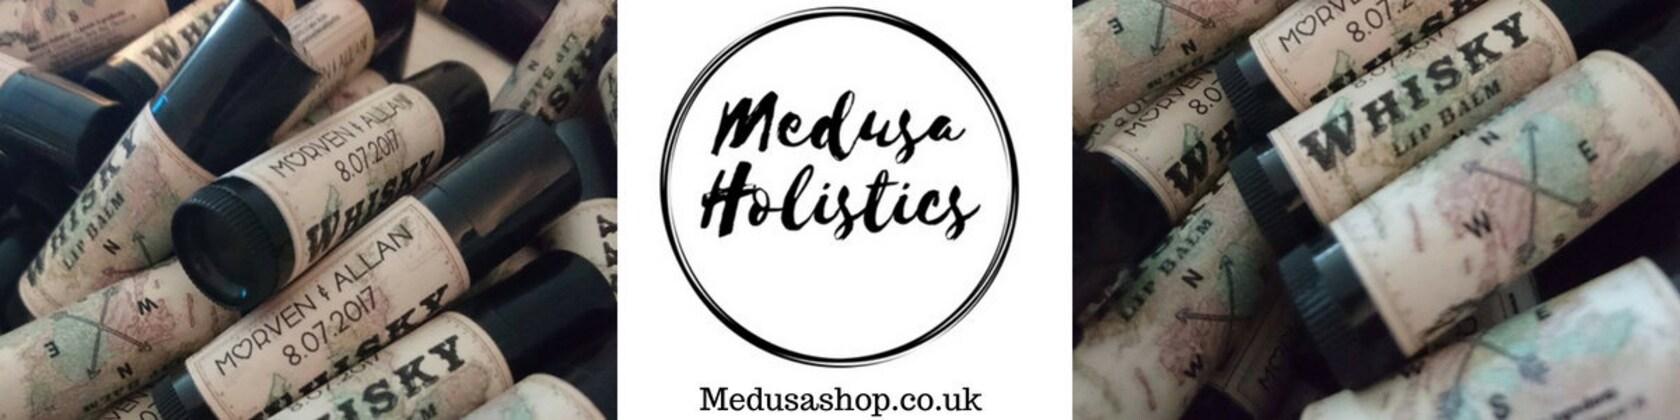 Medusa Holistics